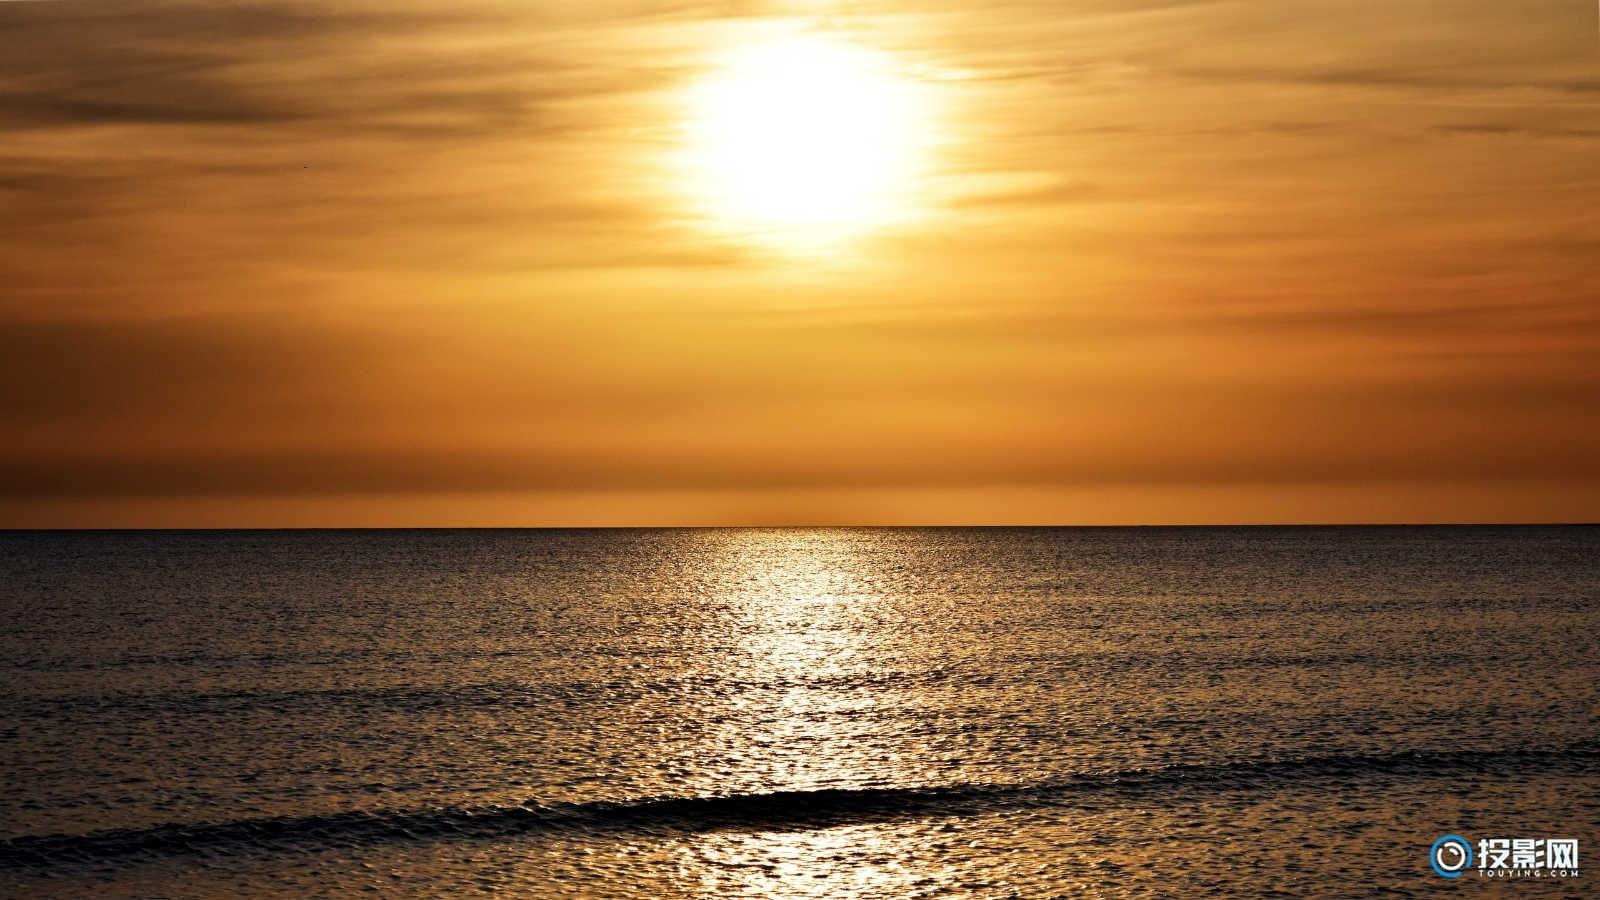 5K 日落夕阳风景图片  8P